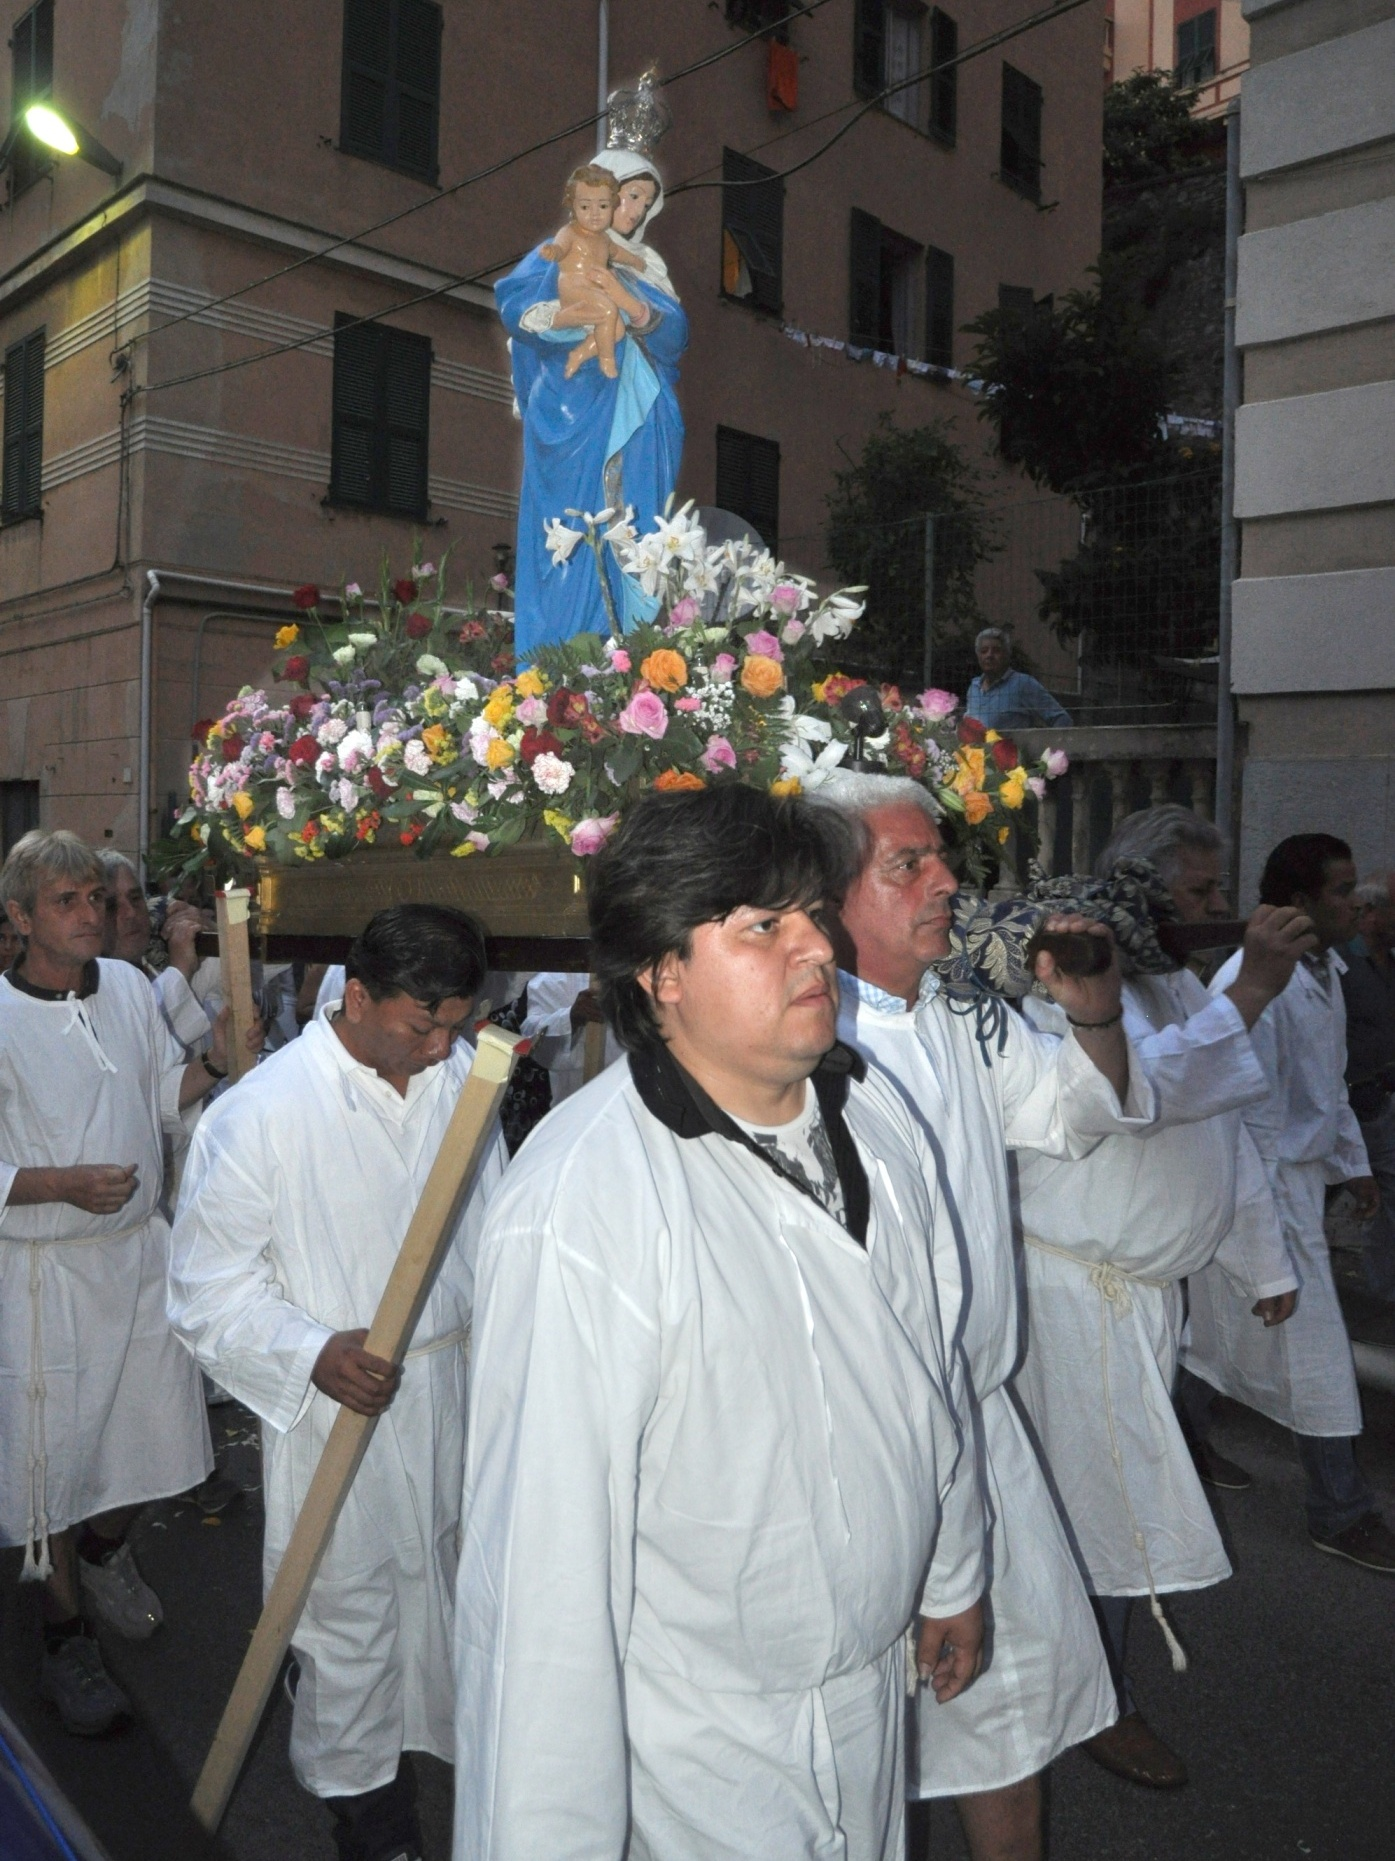 processione_madonna-2011-05-29-21-05-38